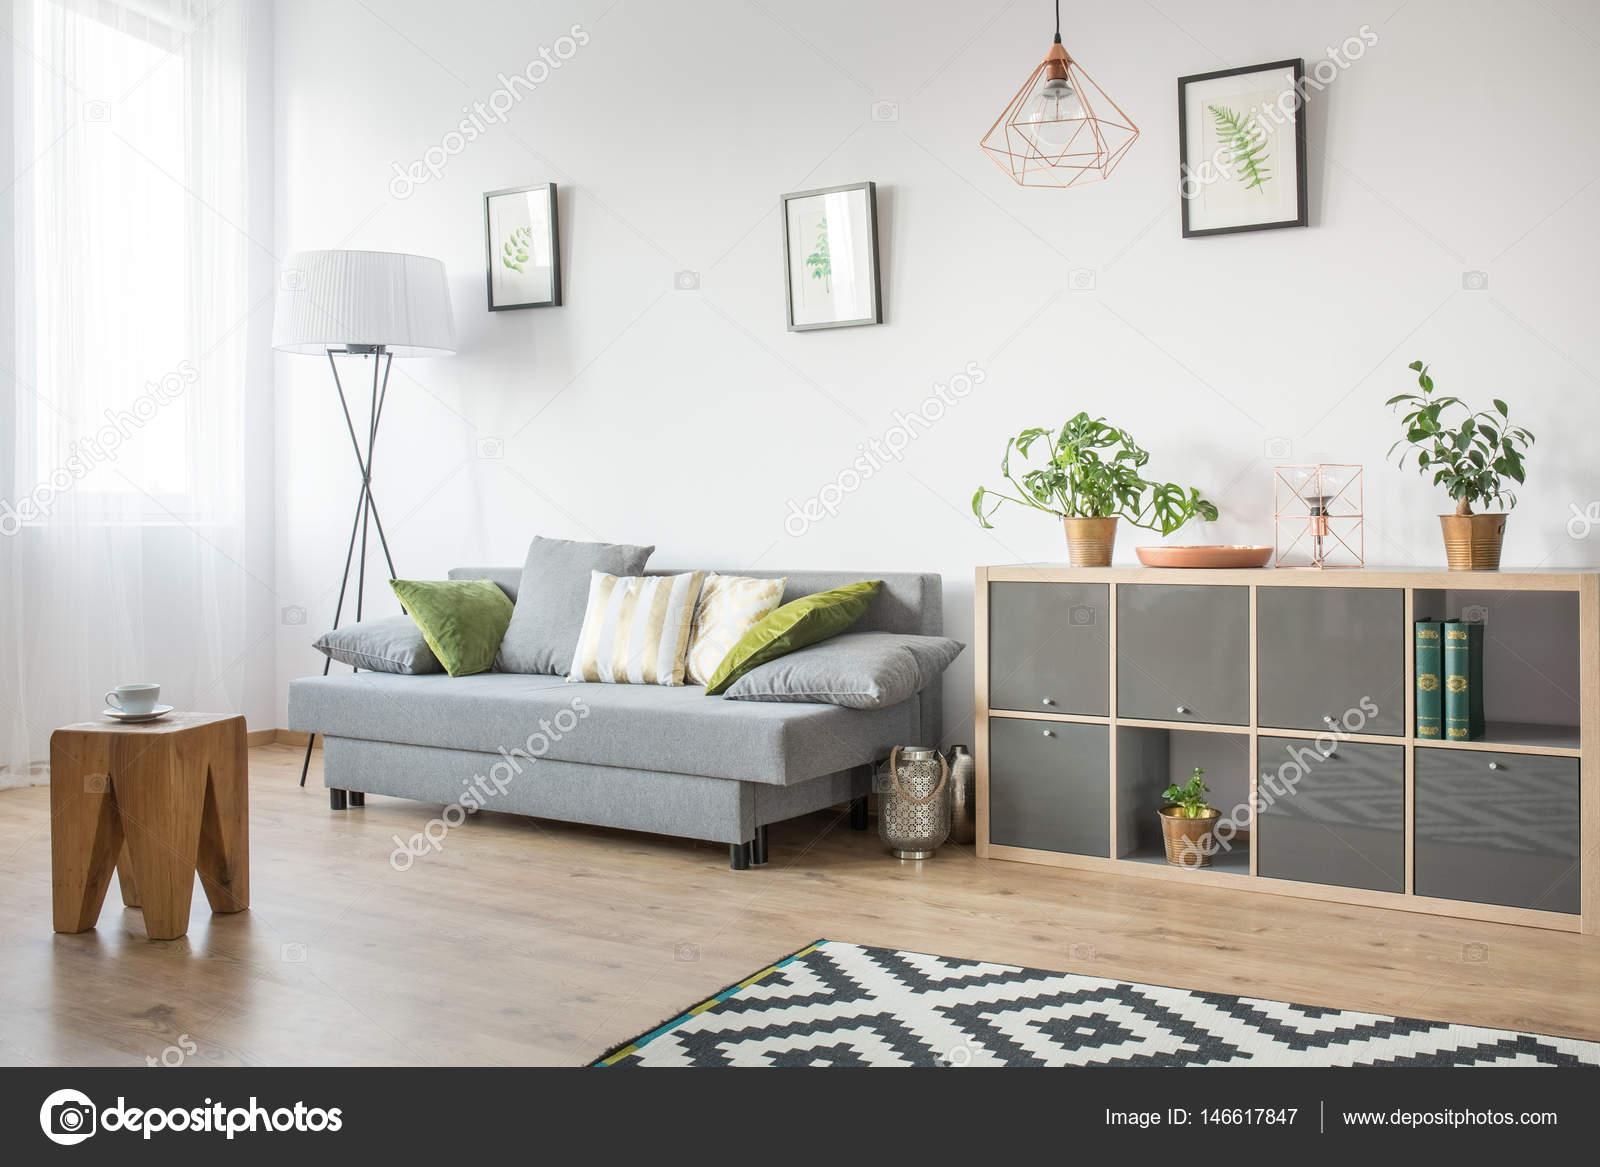 salon avec canap gris photo